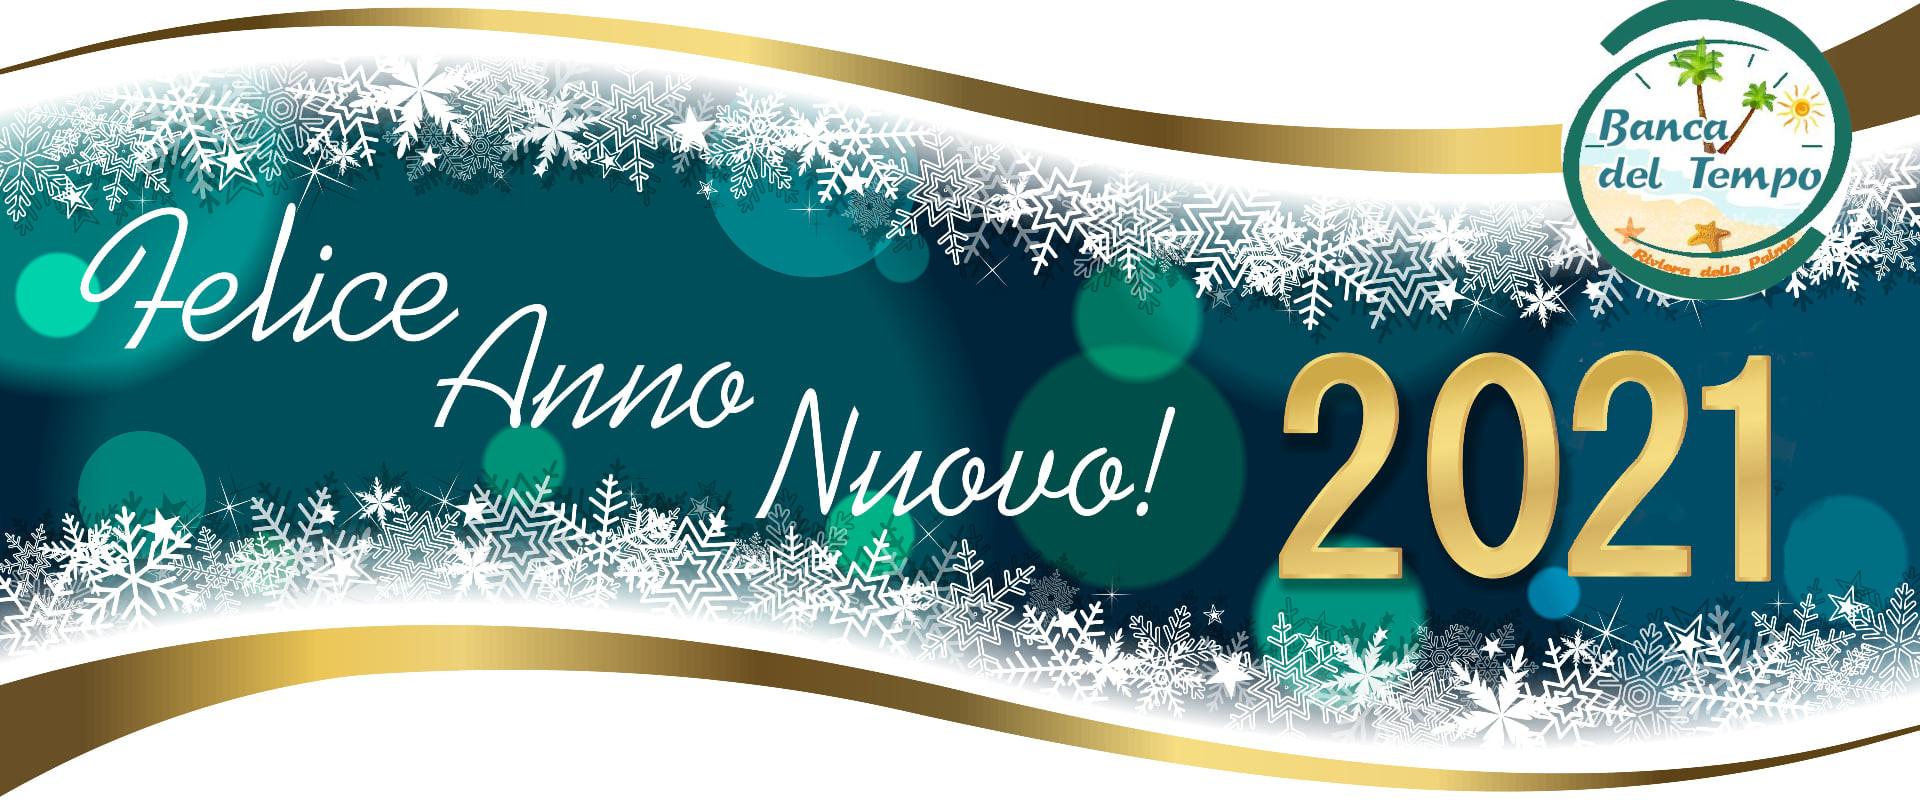 Buon Anno dalla Banca del Tempo Riviera delle Palme